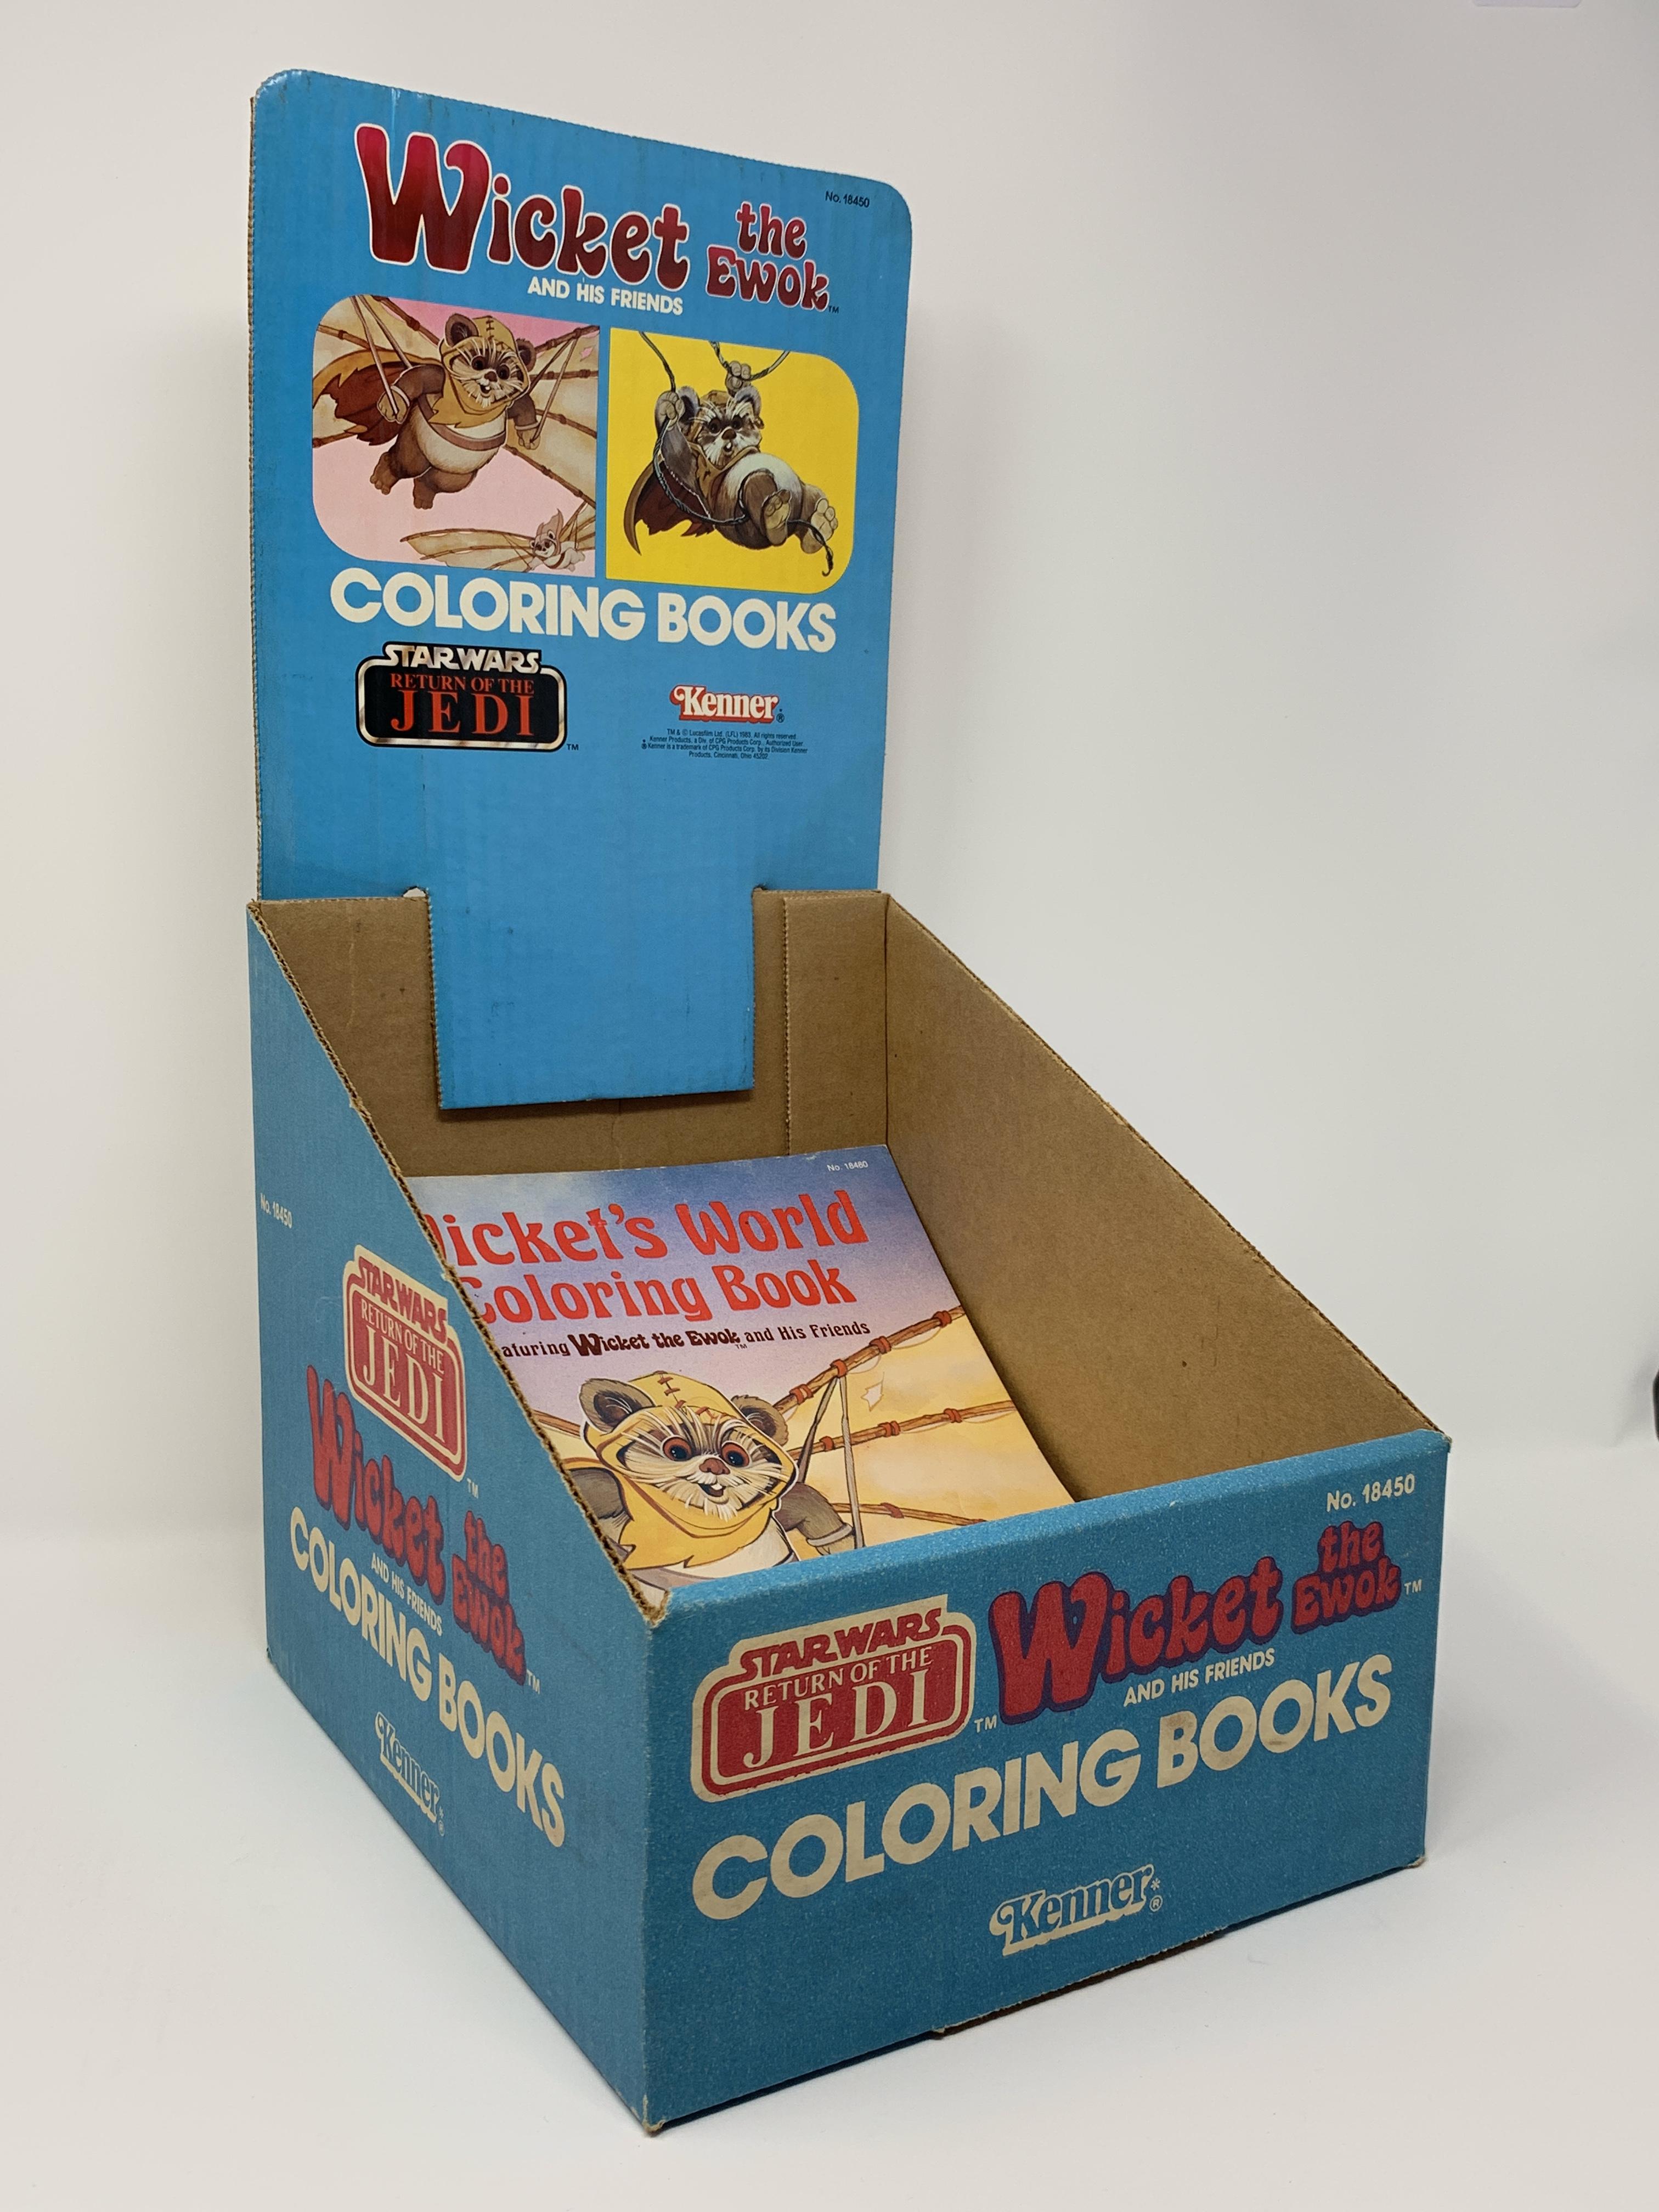 Wicket Coloring Book Display Bin